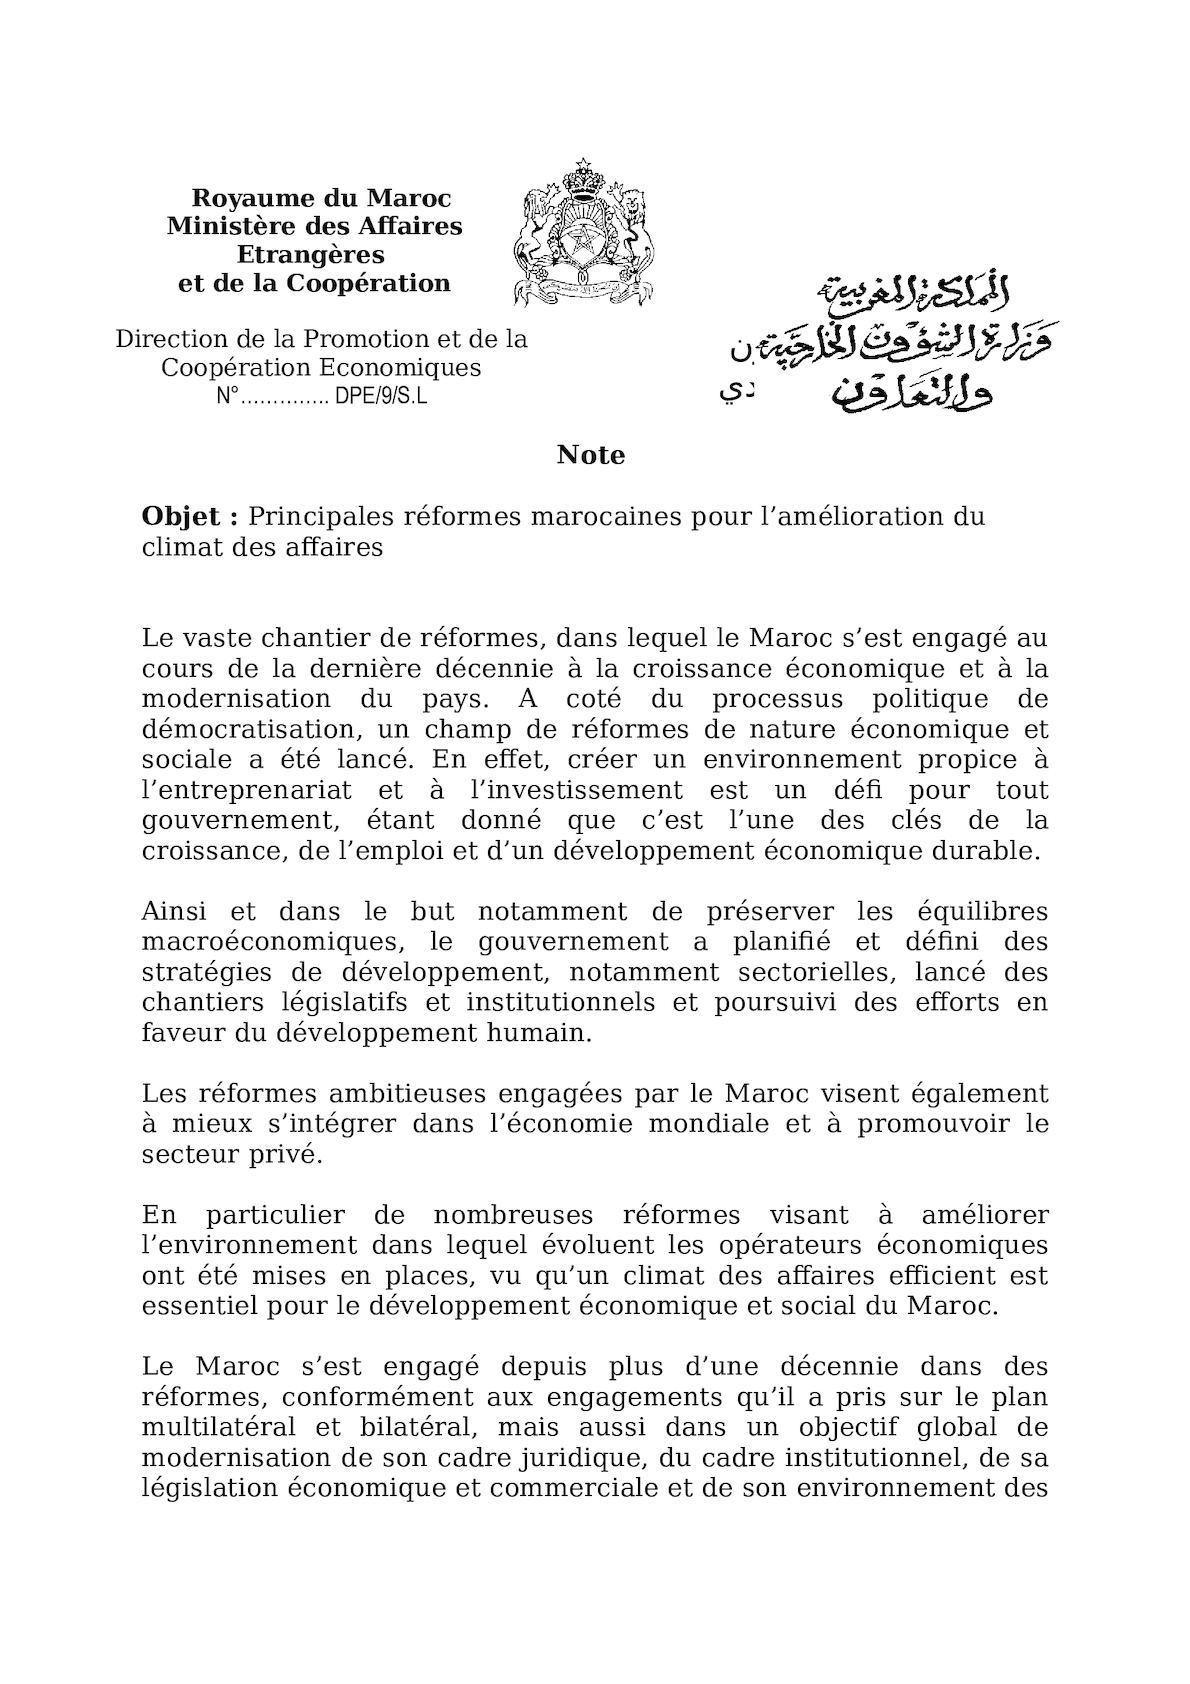 Réformes Marocaines Amélioration Du Climat Des Affaires